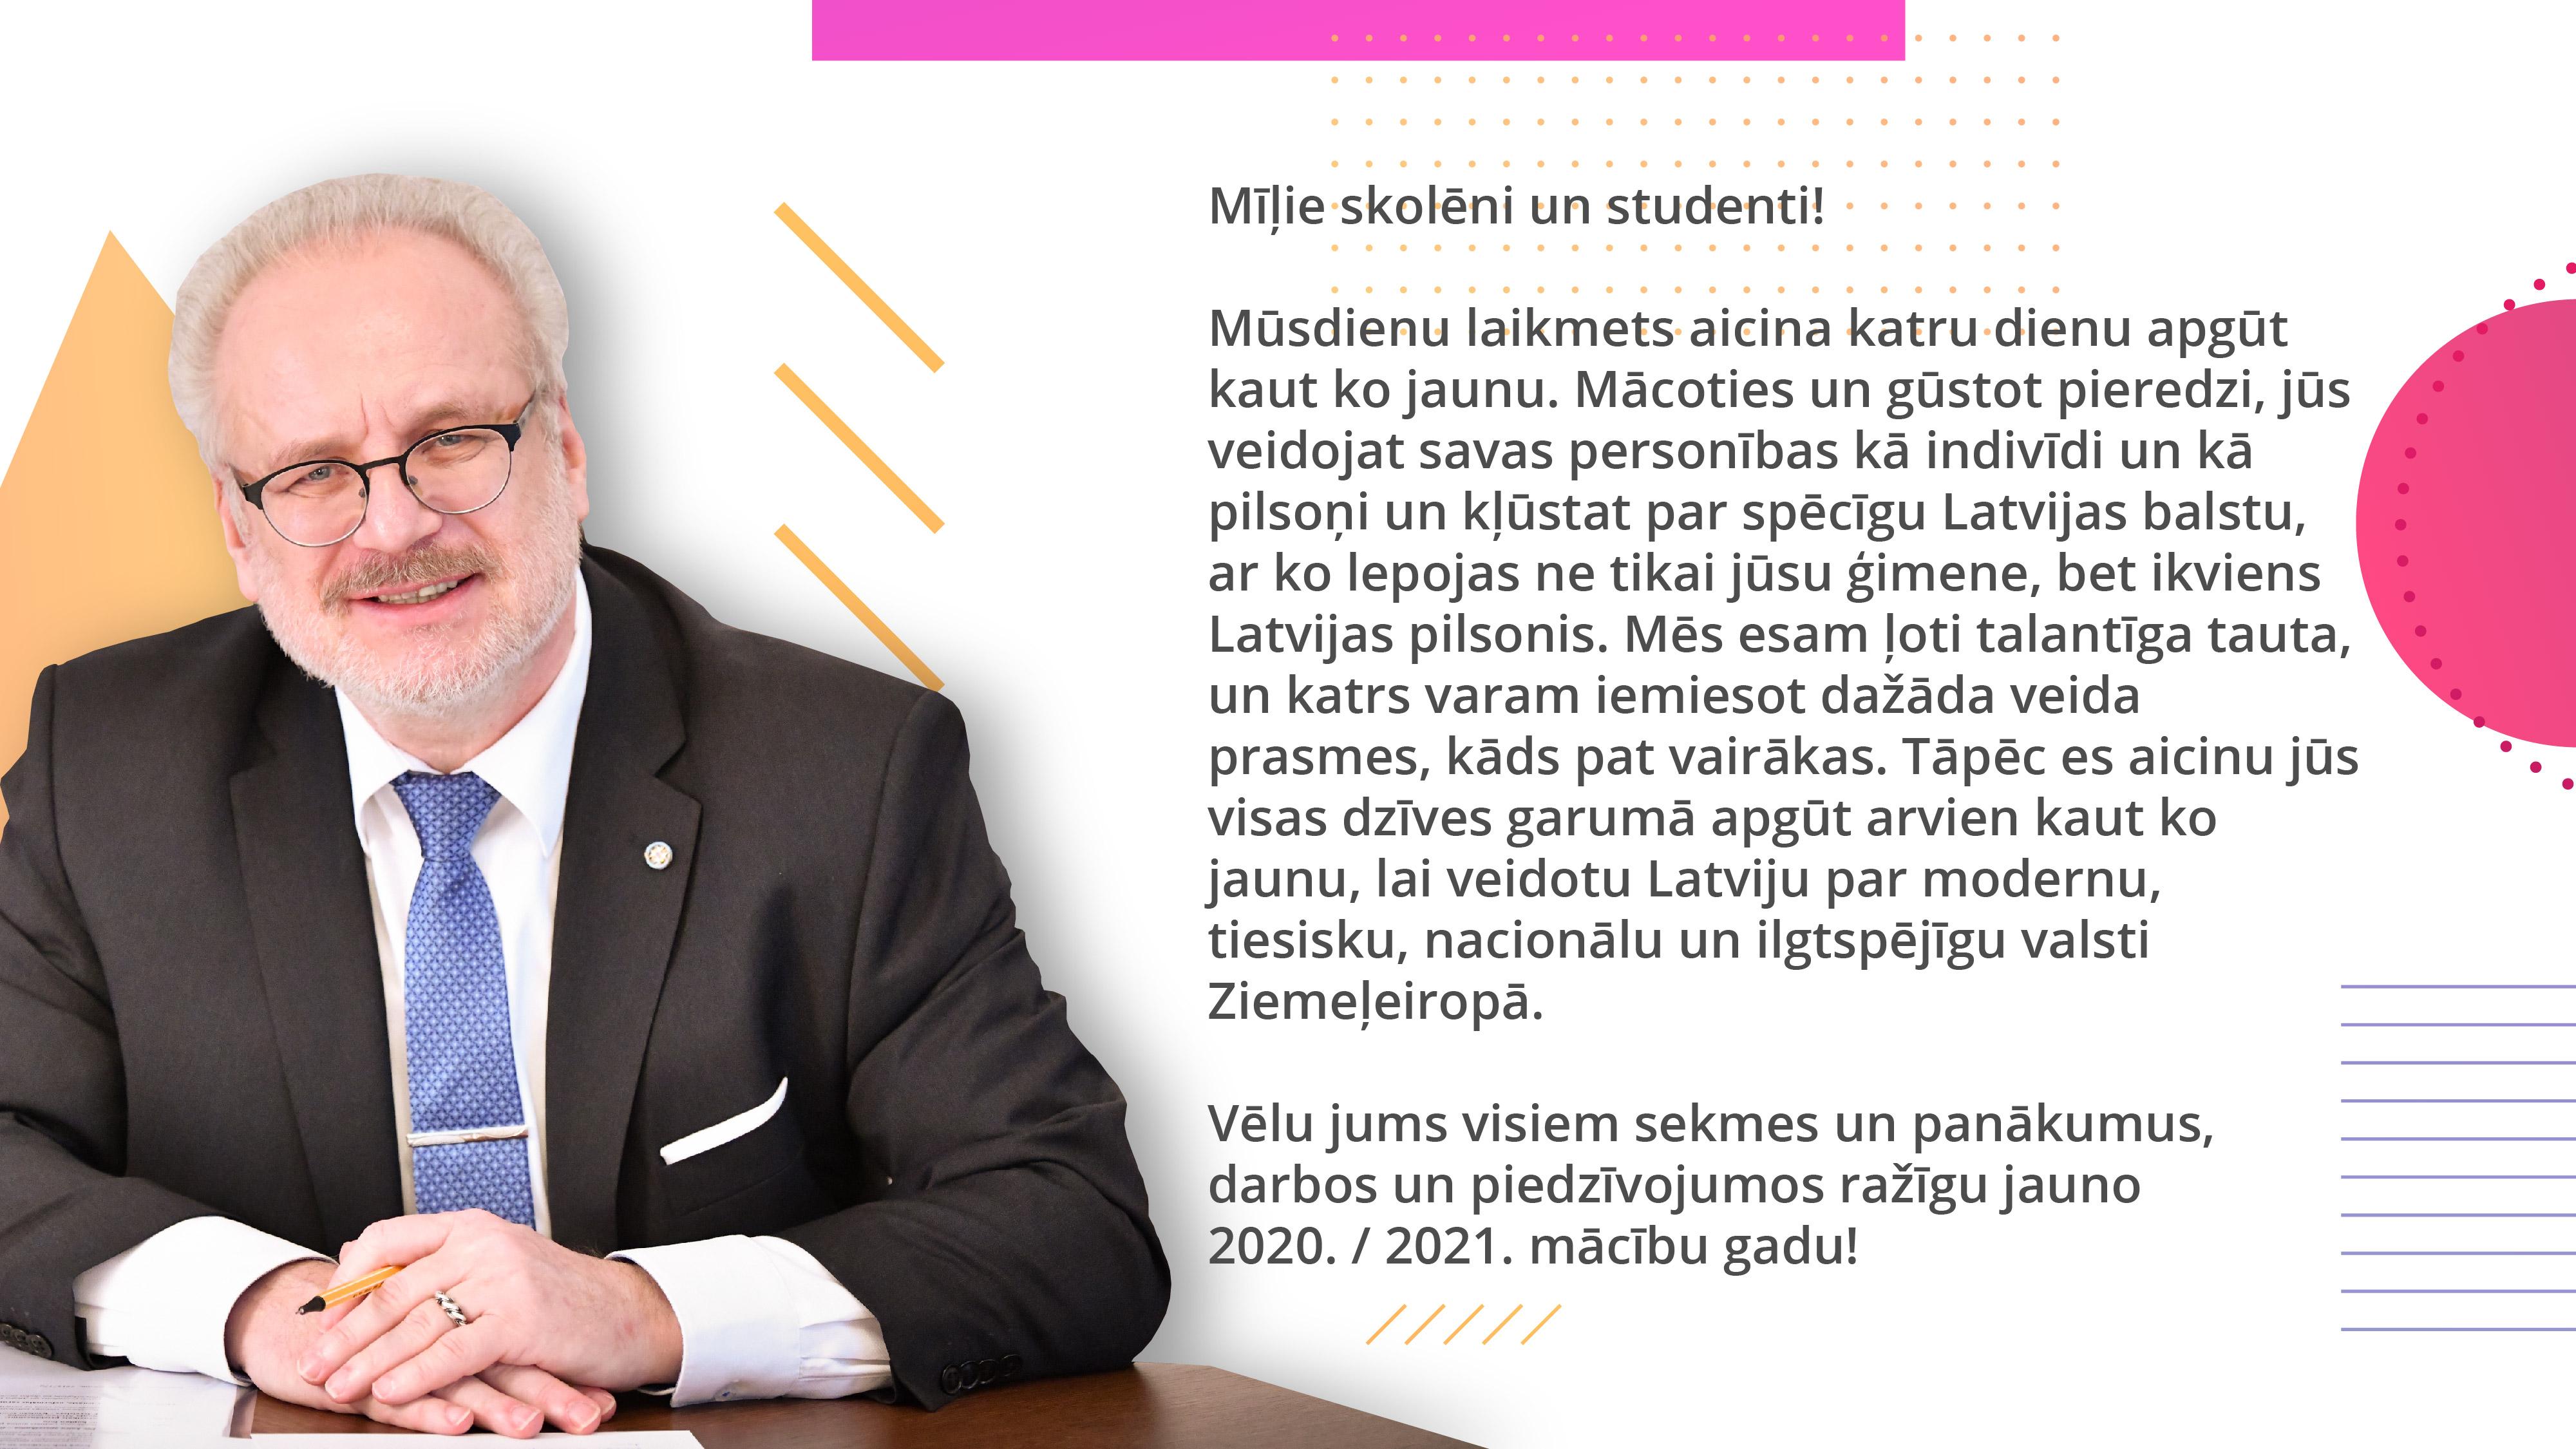 Valsts prezidenta Egila Levita apsveikums Zinibu diena 2020_skoleniem